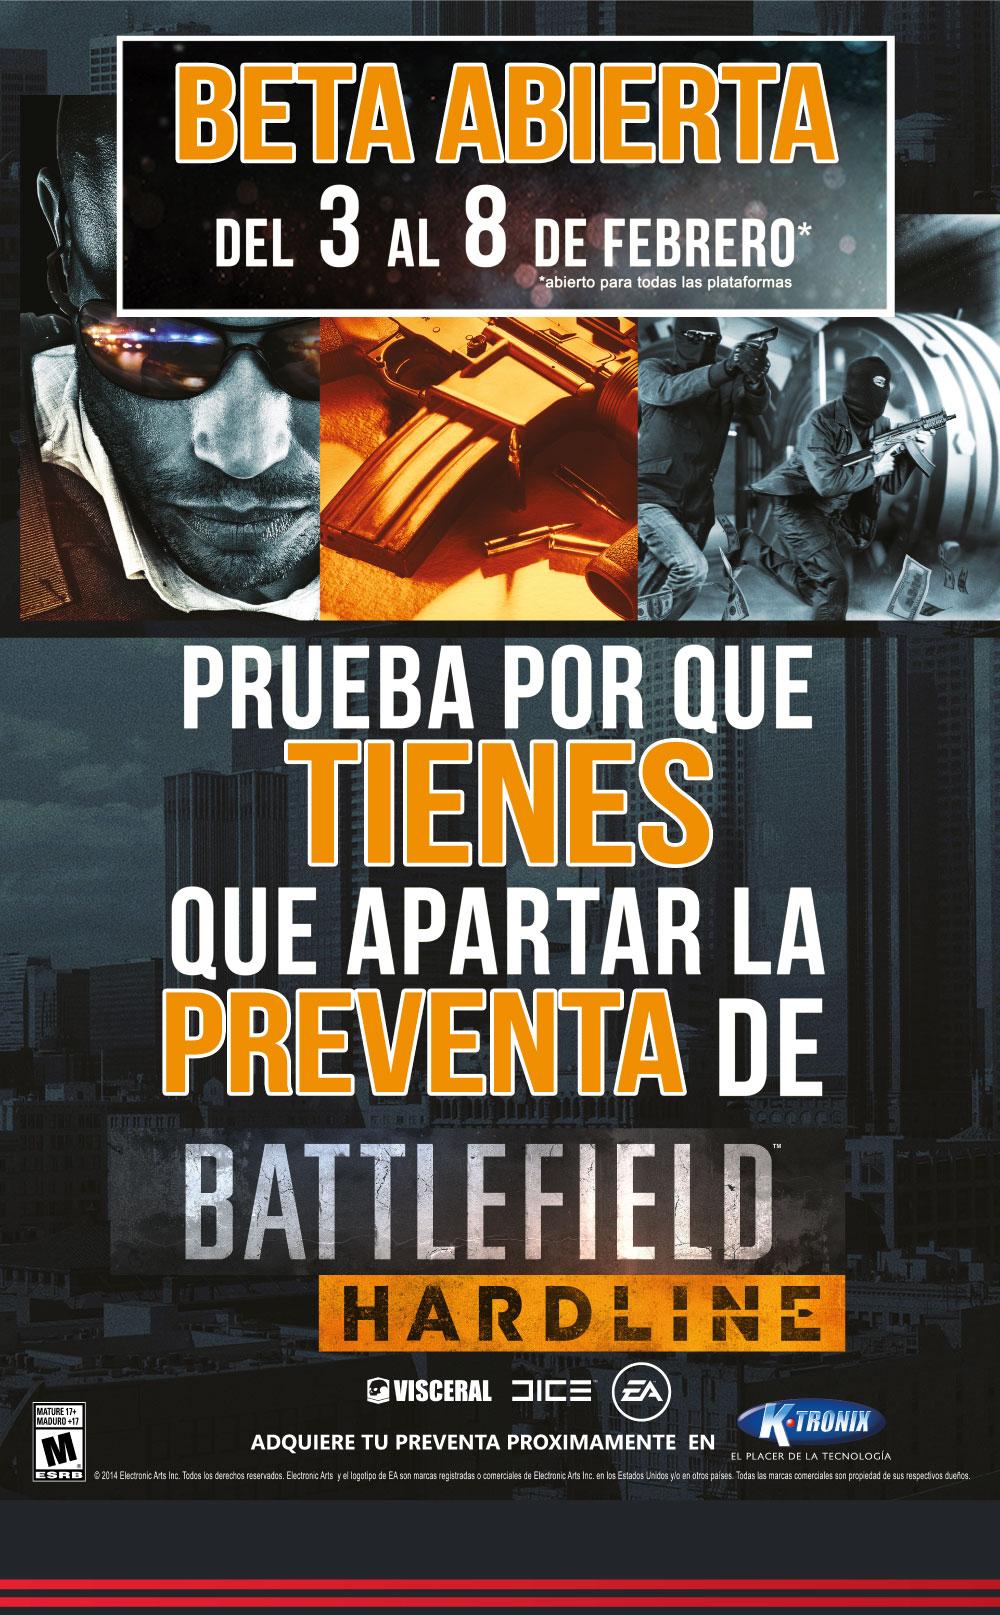 Battlefield Hardline Descarga la Beta